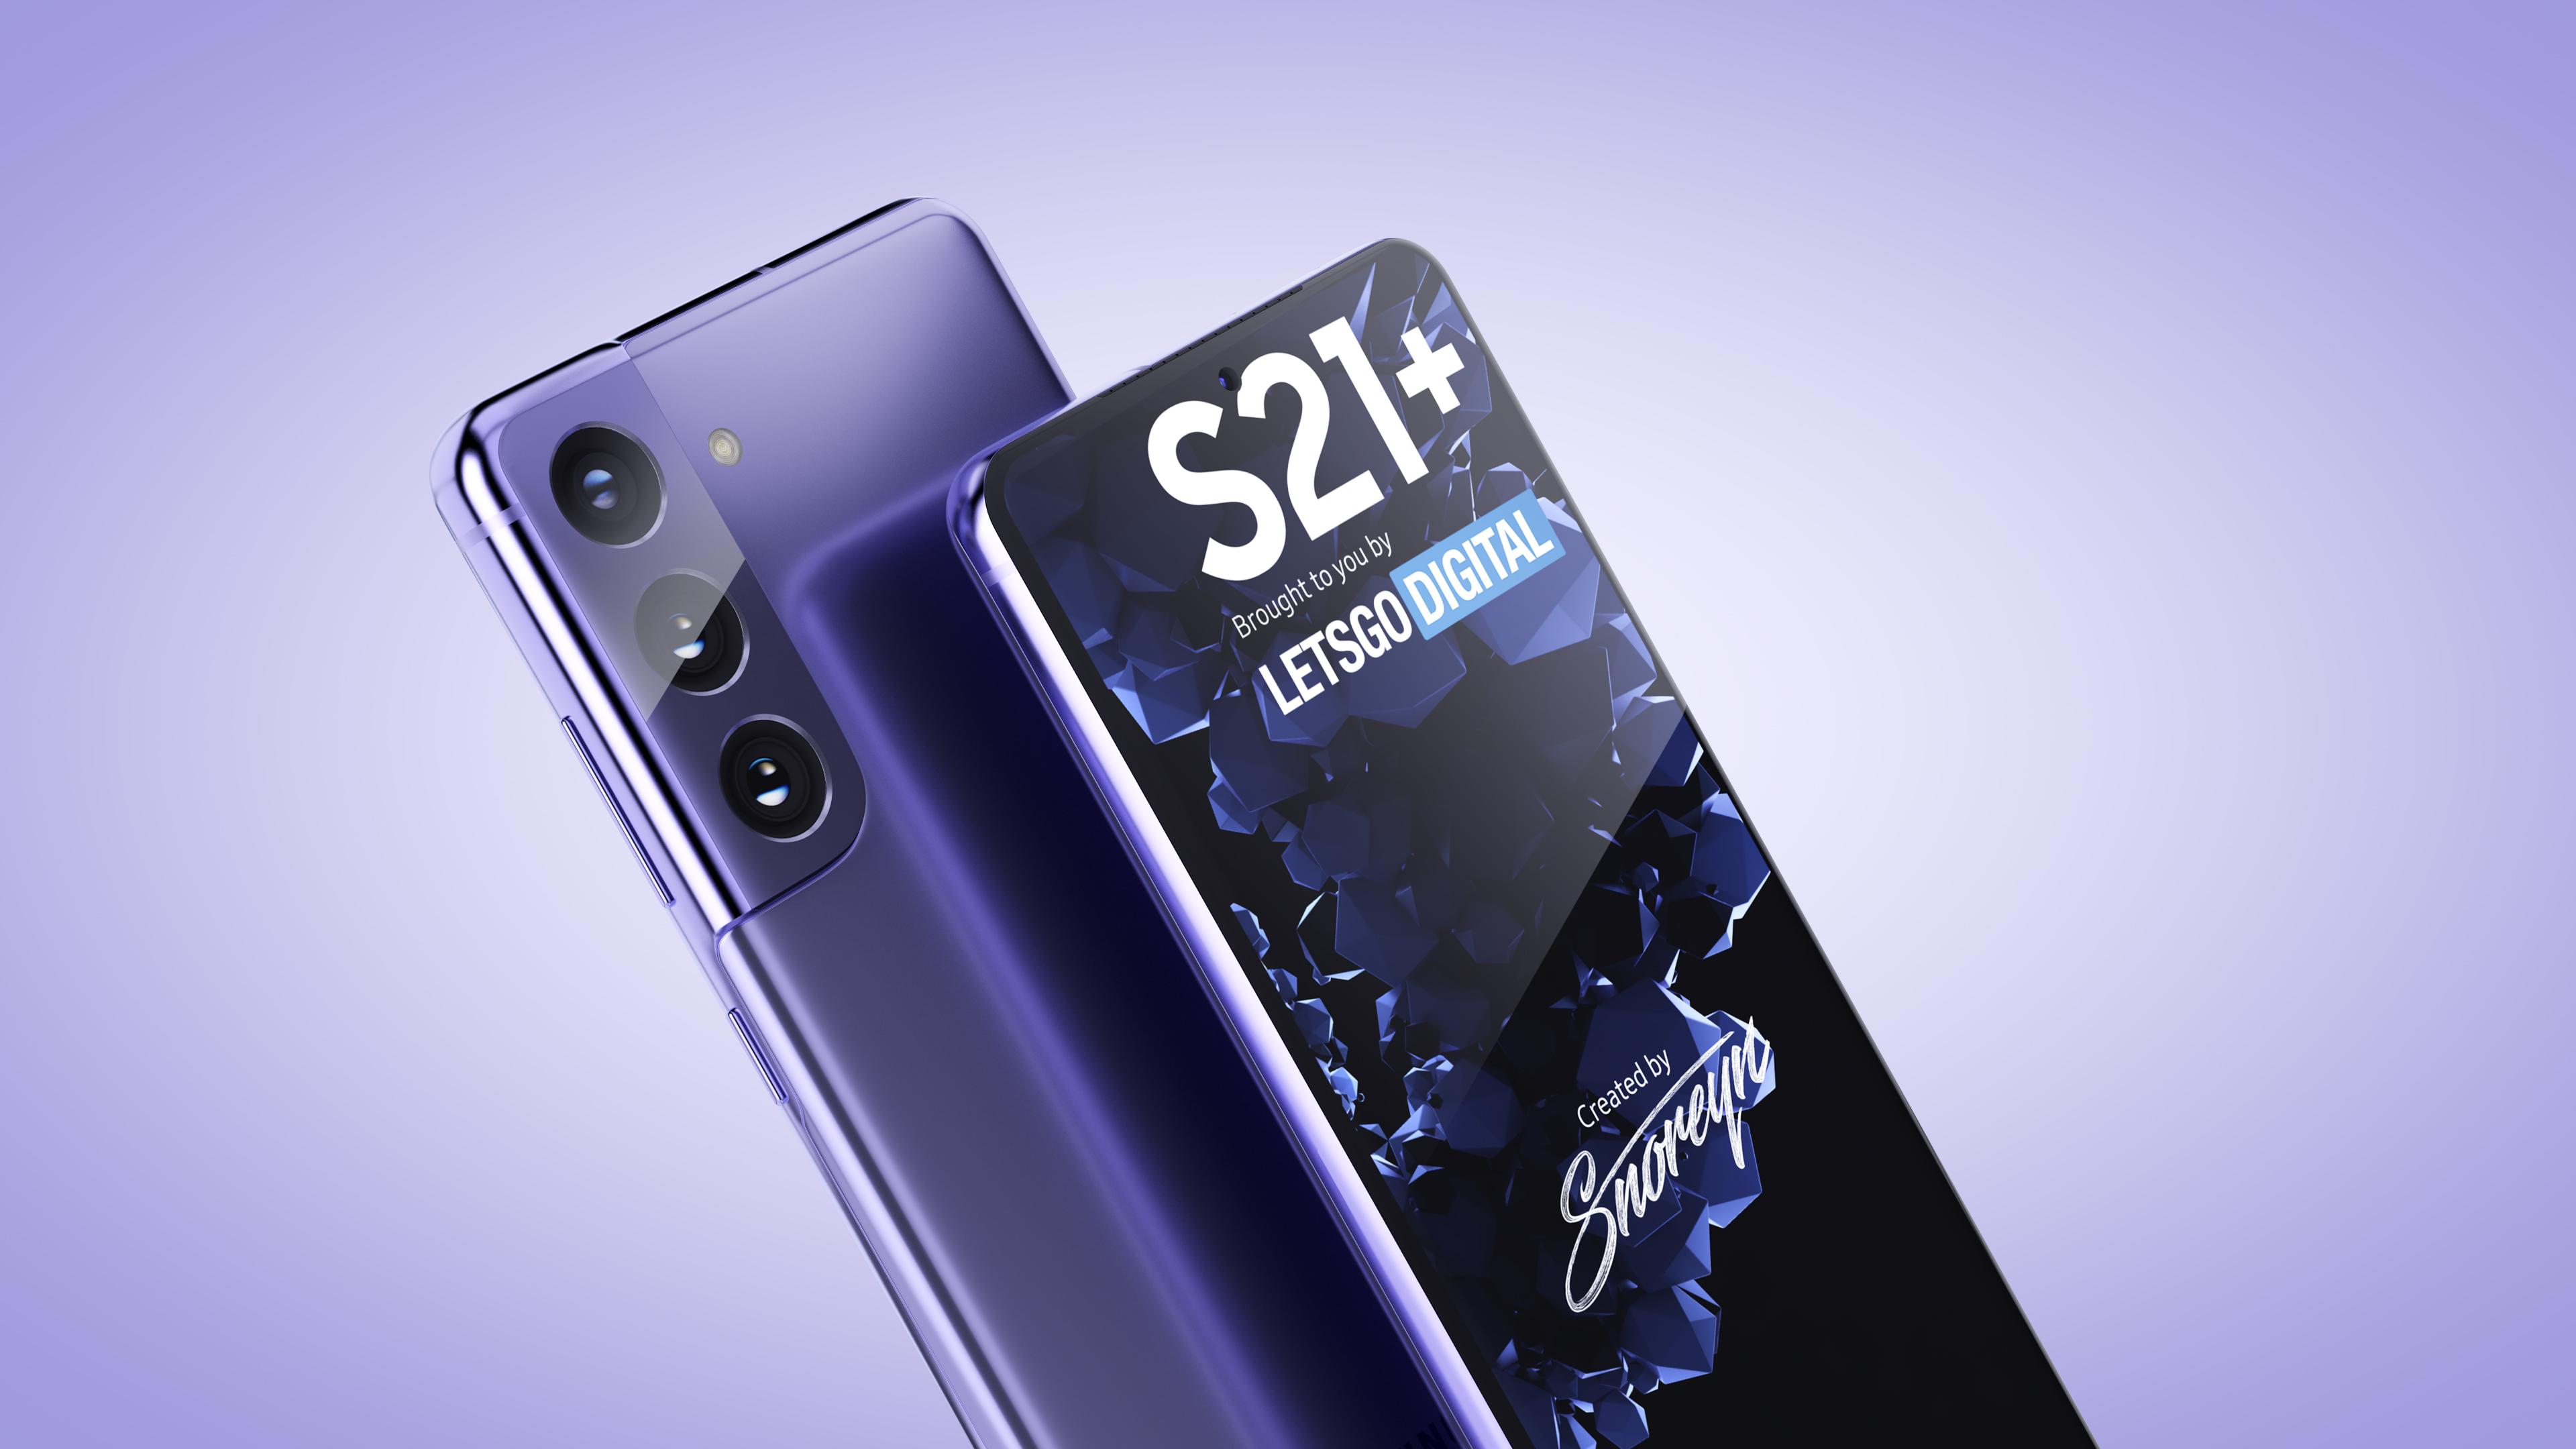 Подтверждено: флагманские смартфоны Samsung Galaxy S21 не получат адаптер питания в комплекте